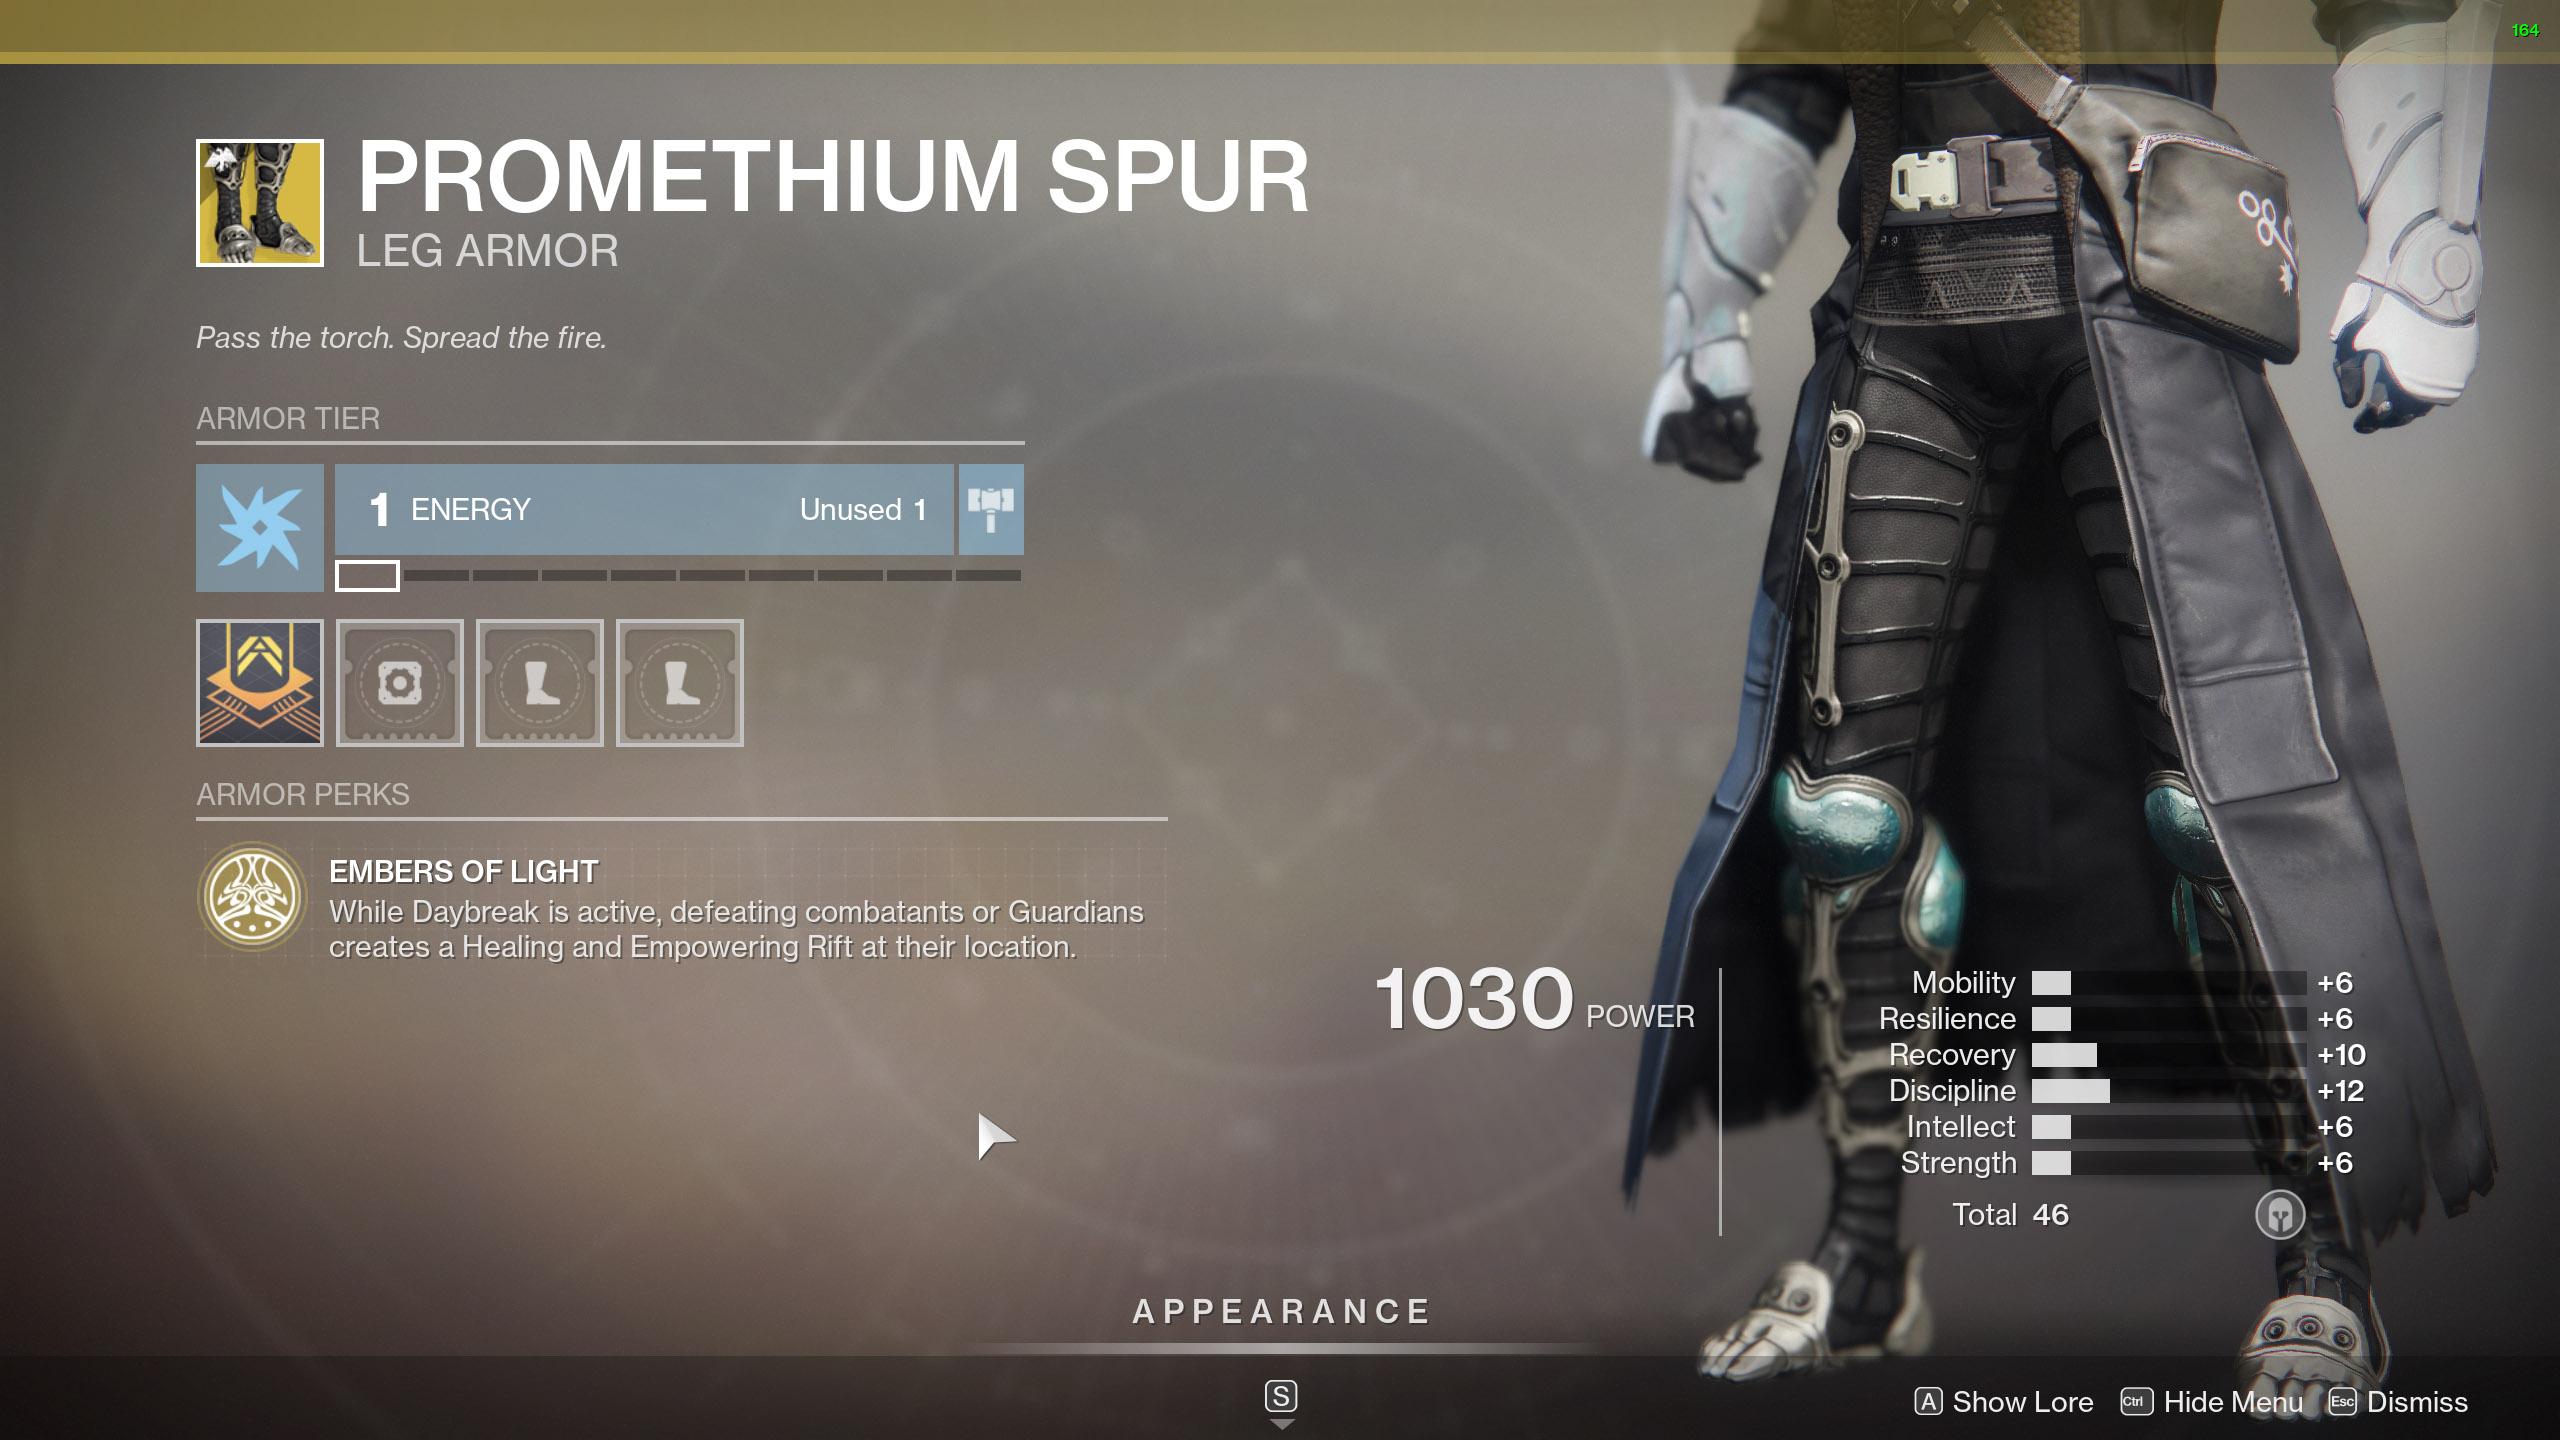 Destiny 2 Warlock Exotic Armor Promethium Spur